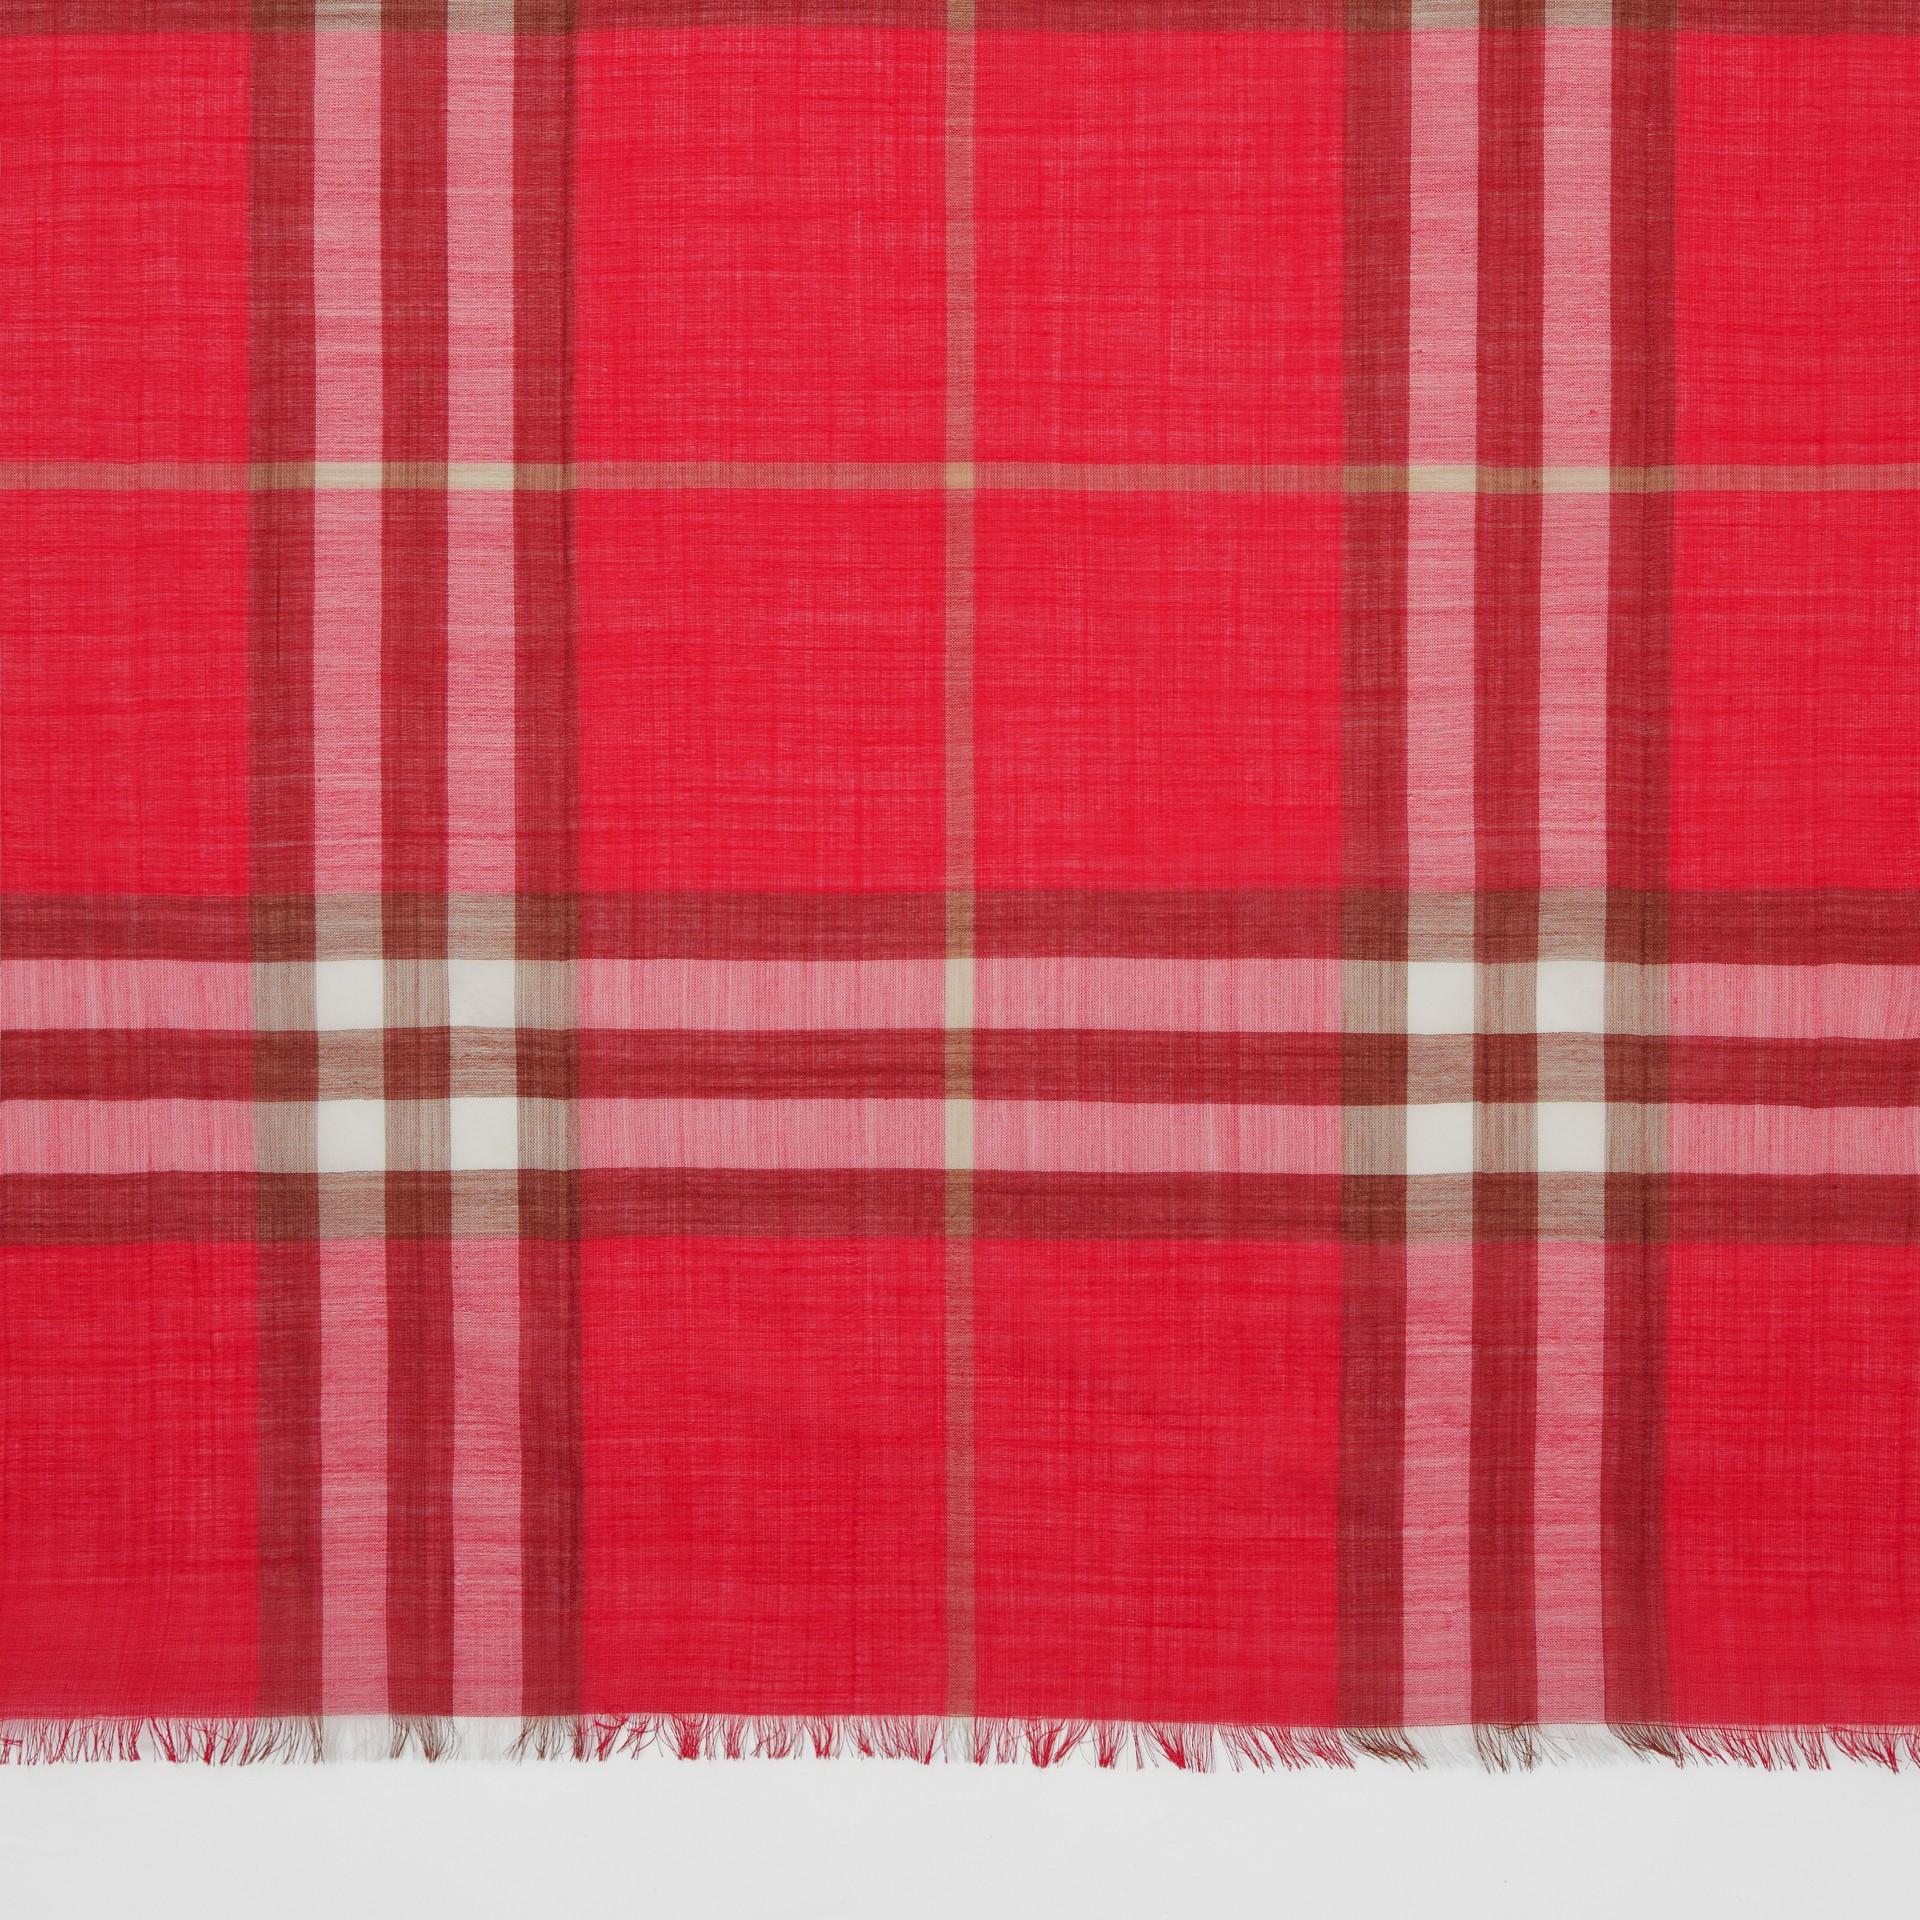 ライトウェイト チェック ウールシルク スカーフ (ブライトレッド) | バーバリー - ギャラリーイメージ 1